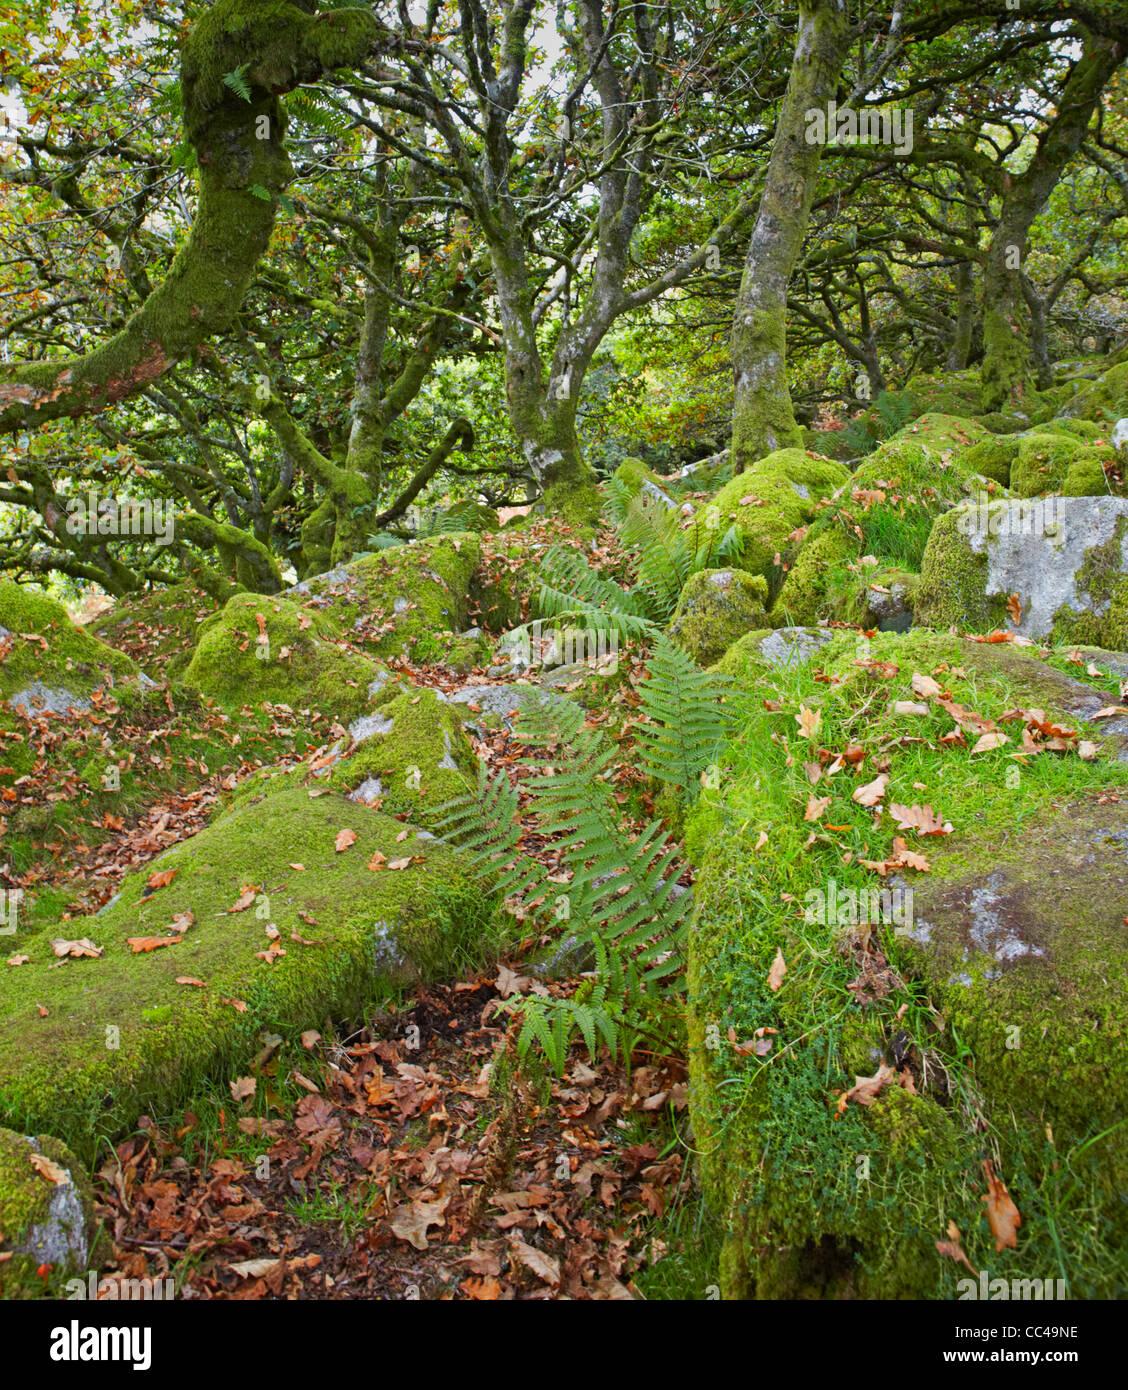 Dartmoor National Park Wistman's Wood - Stock Image